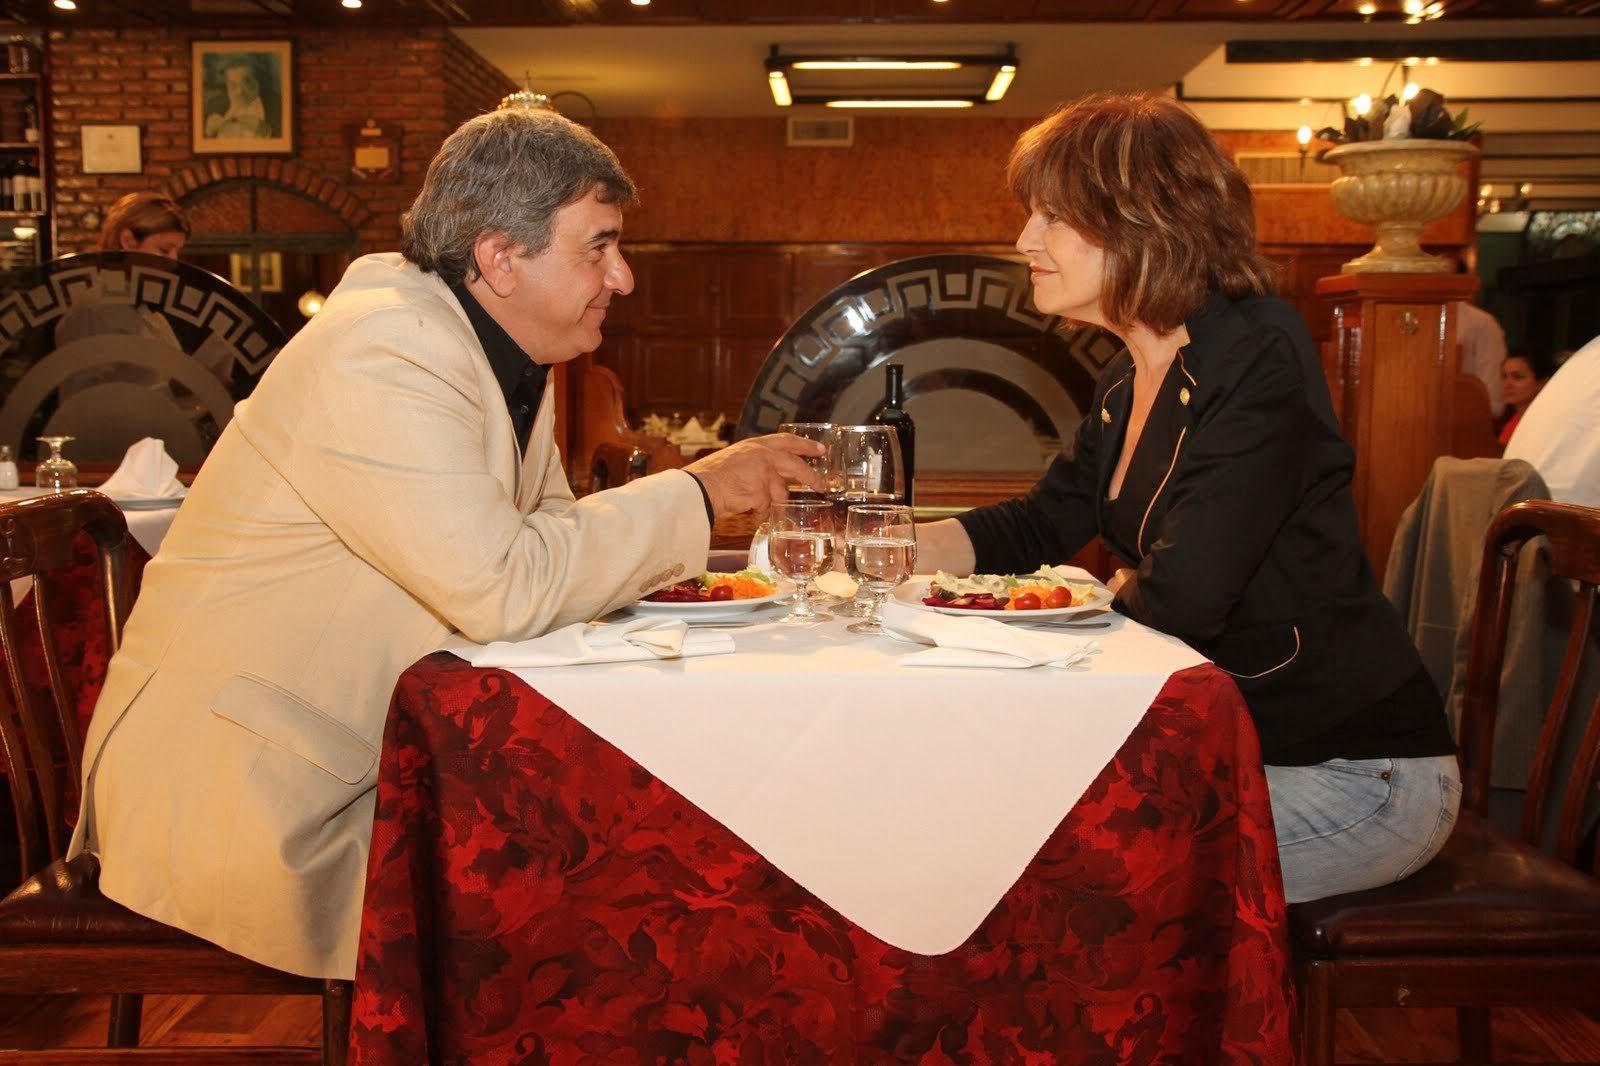 Armando y Paloma tendrán una cena íntima con un final inesperado ArmandoyPalomacena